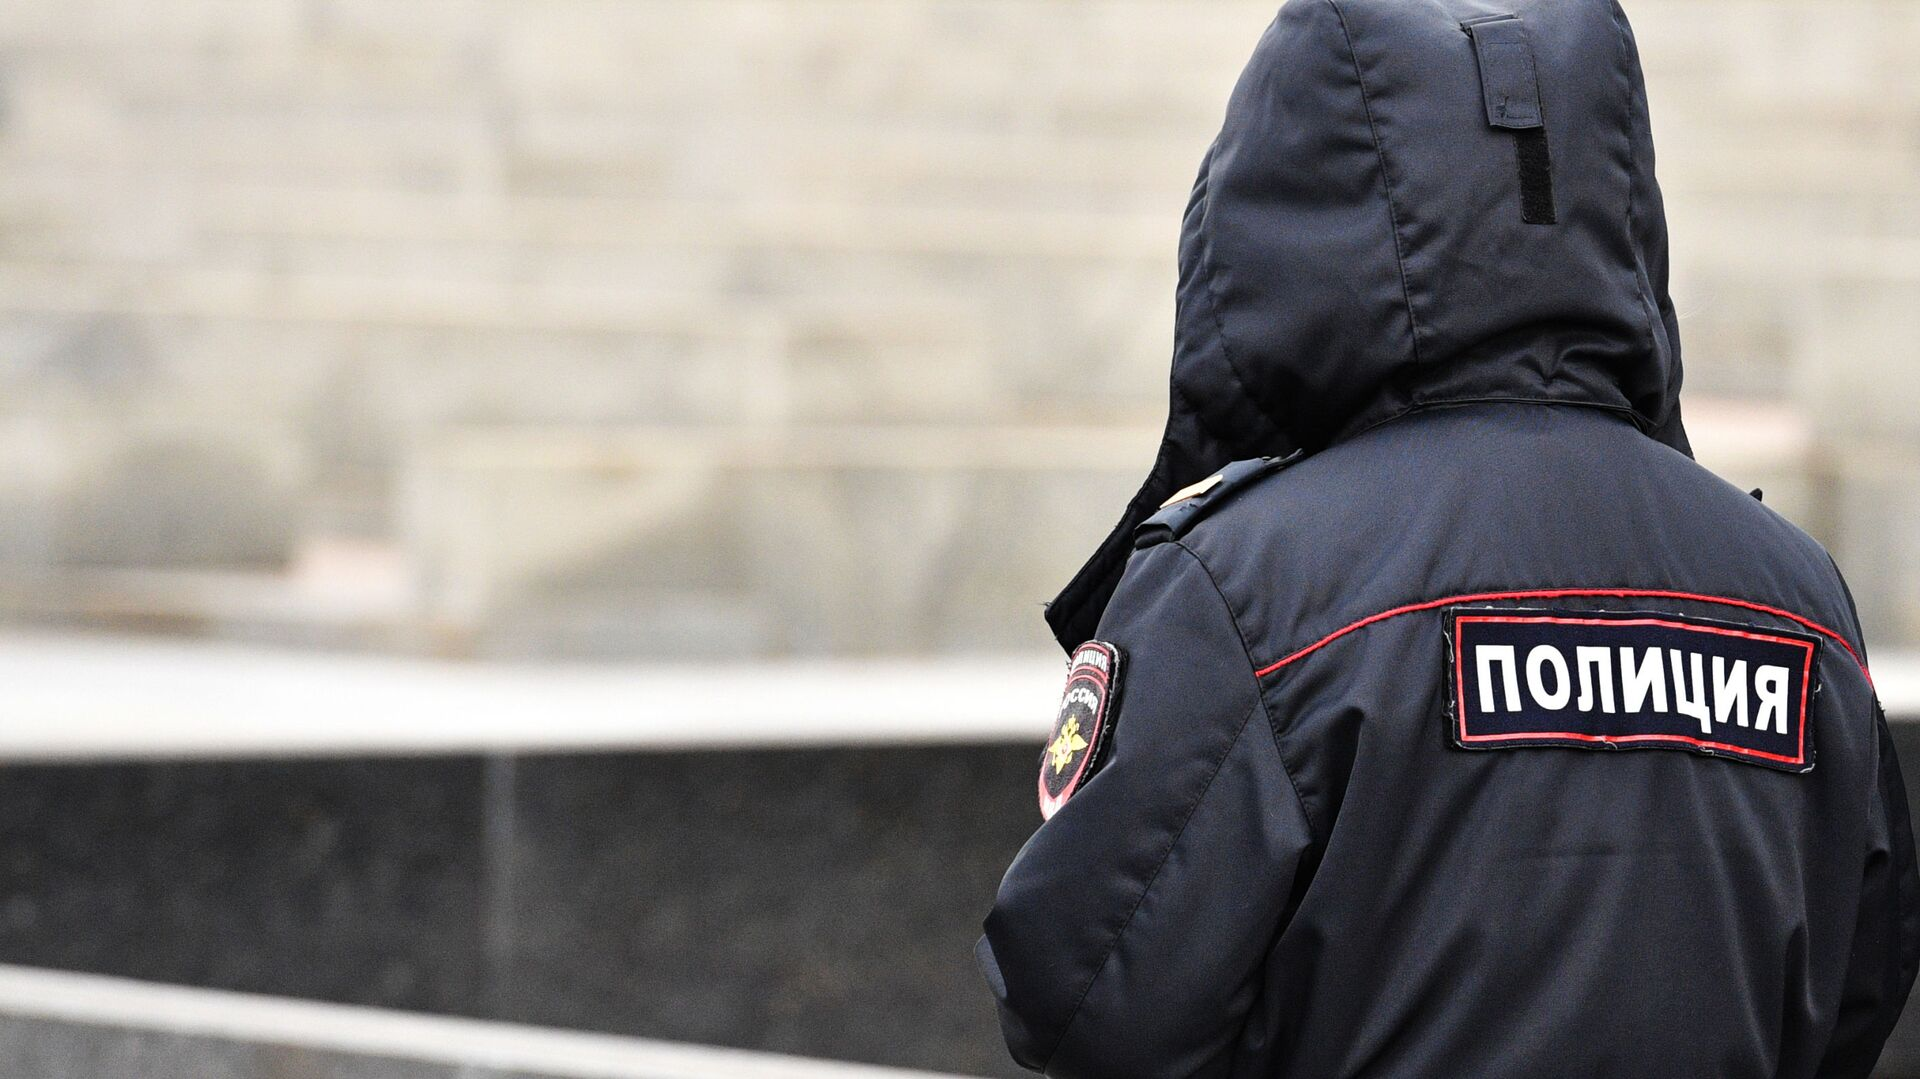 Сотрудник полиции  - РИА Новости, 1920, 29.03.2021